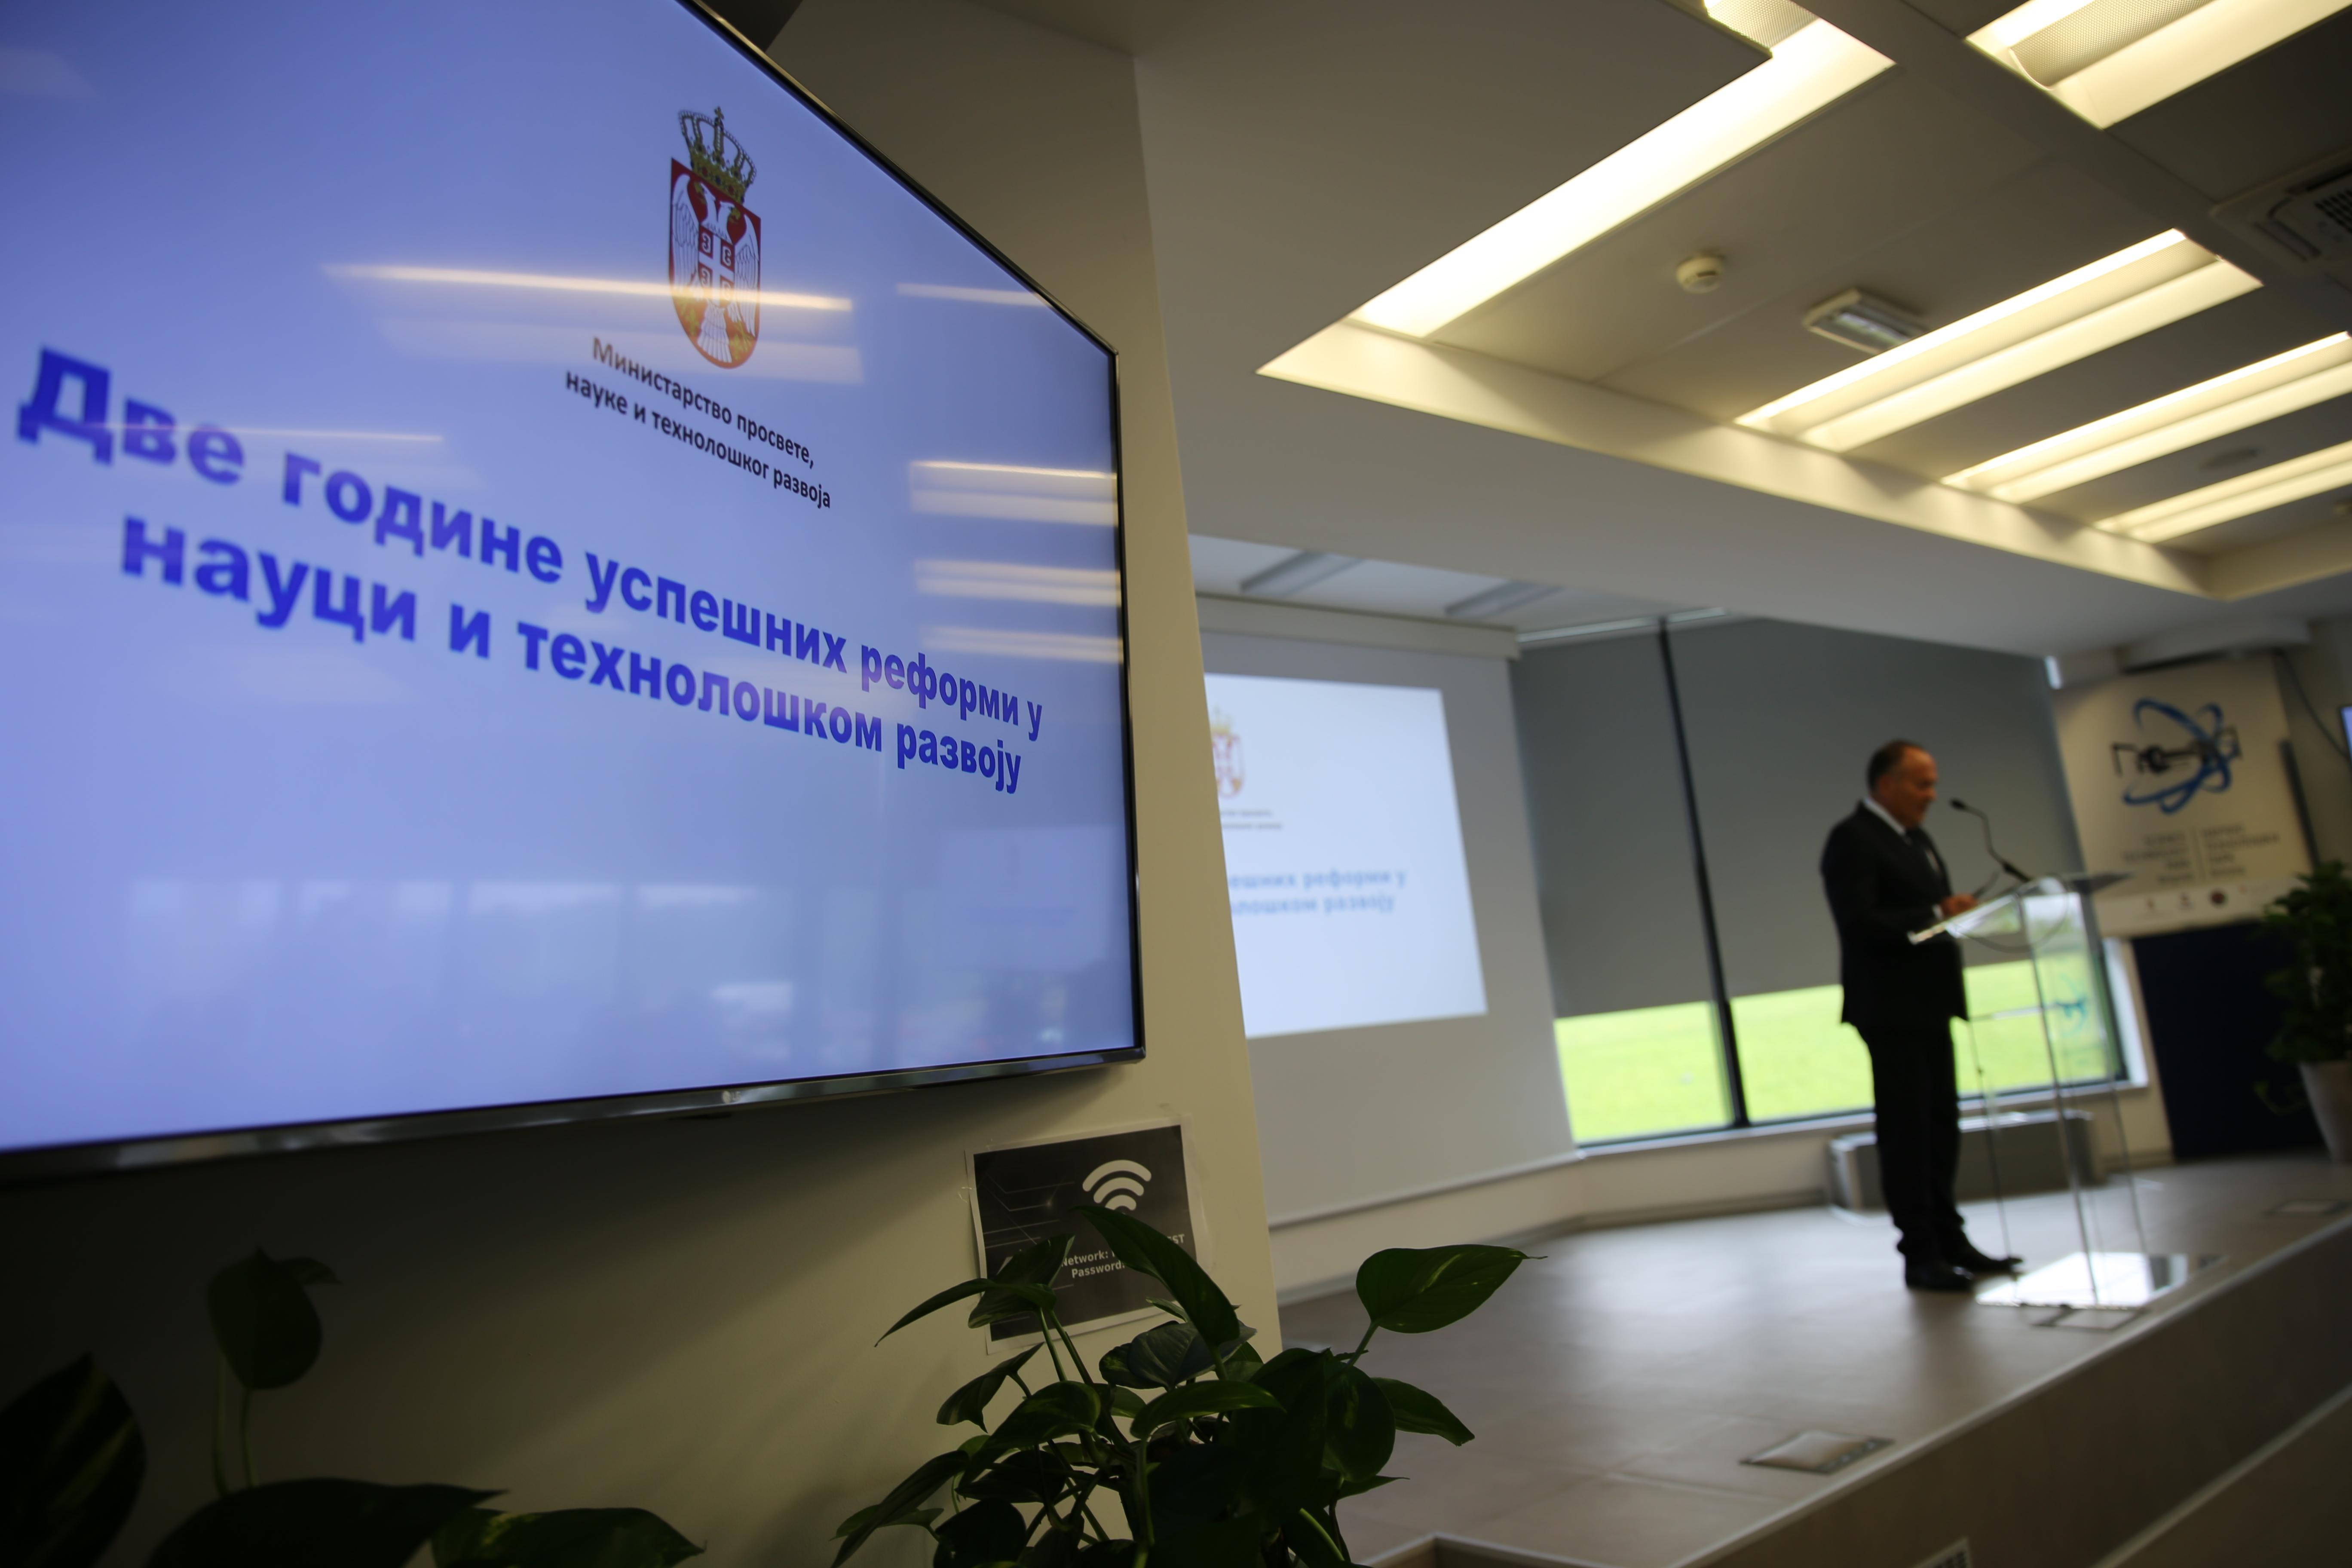 Uspešne reforme u oblasti nauke i tehnološkog razvoja – U NTP Beograd obeležen prijem Srbije u članstvo CERN